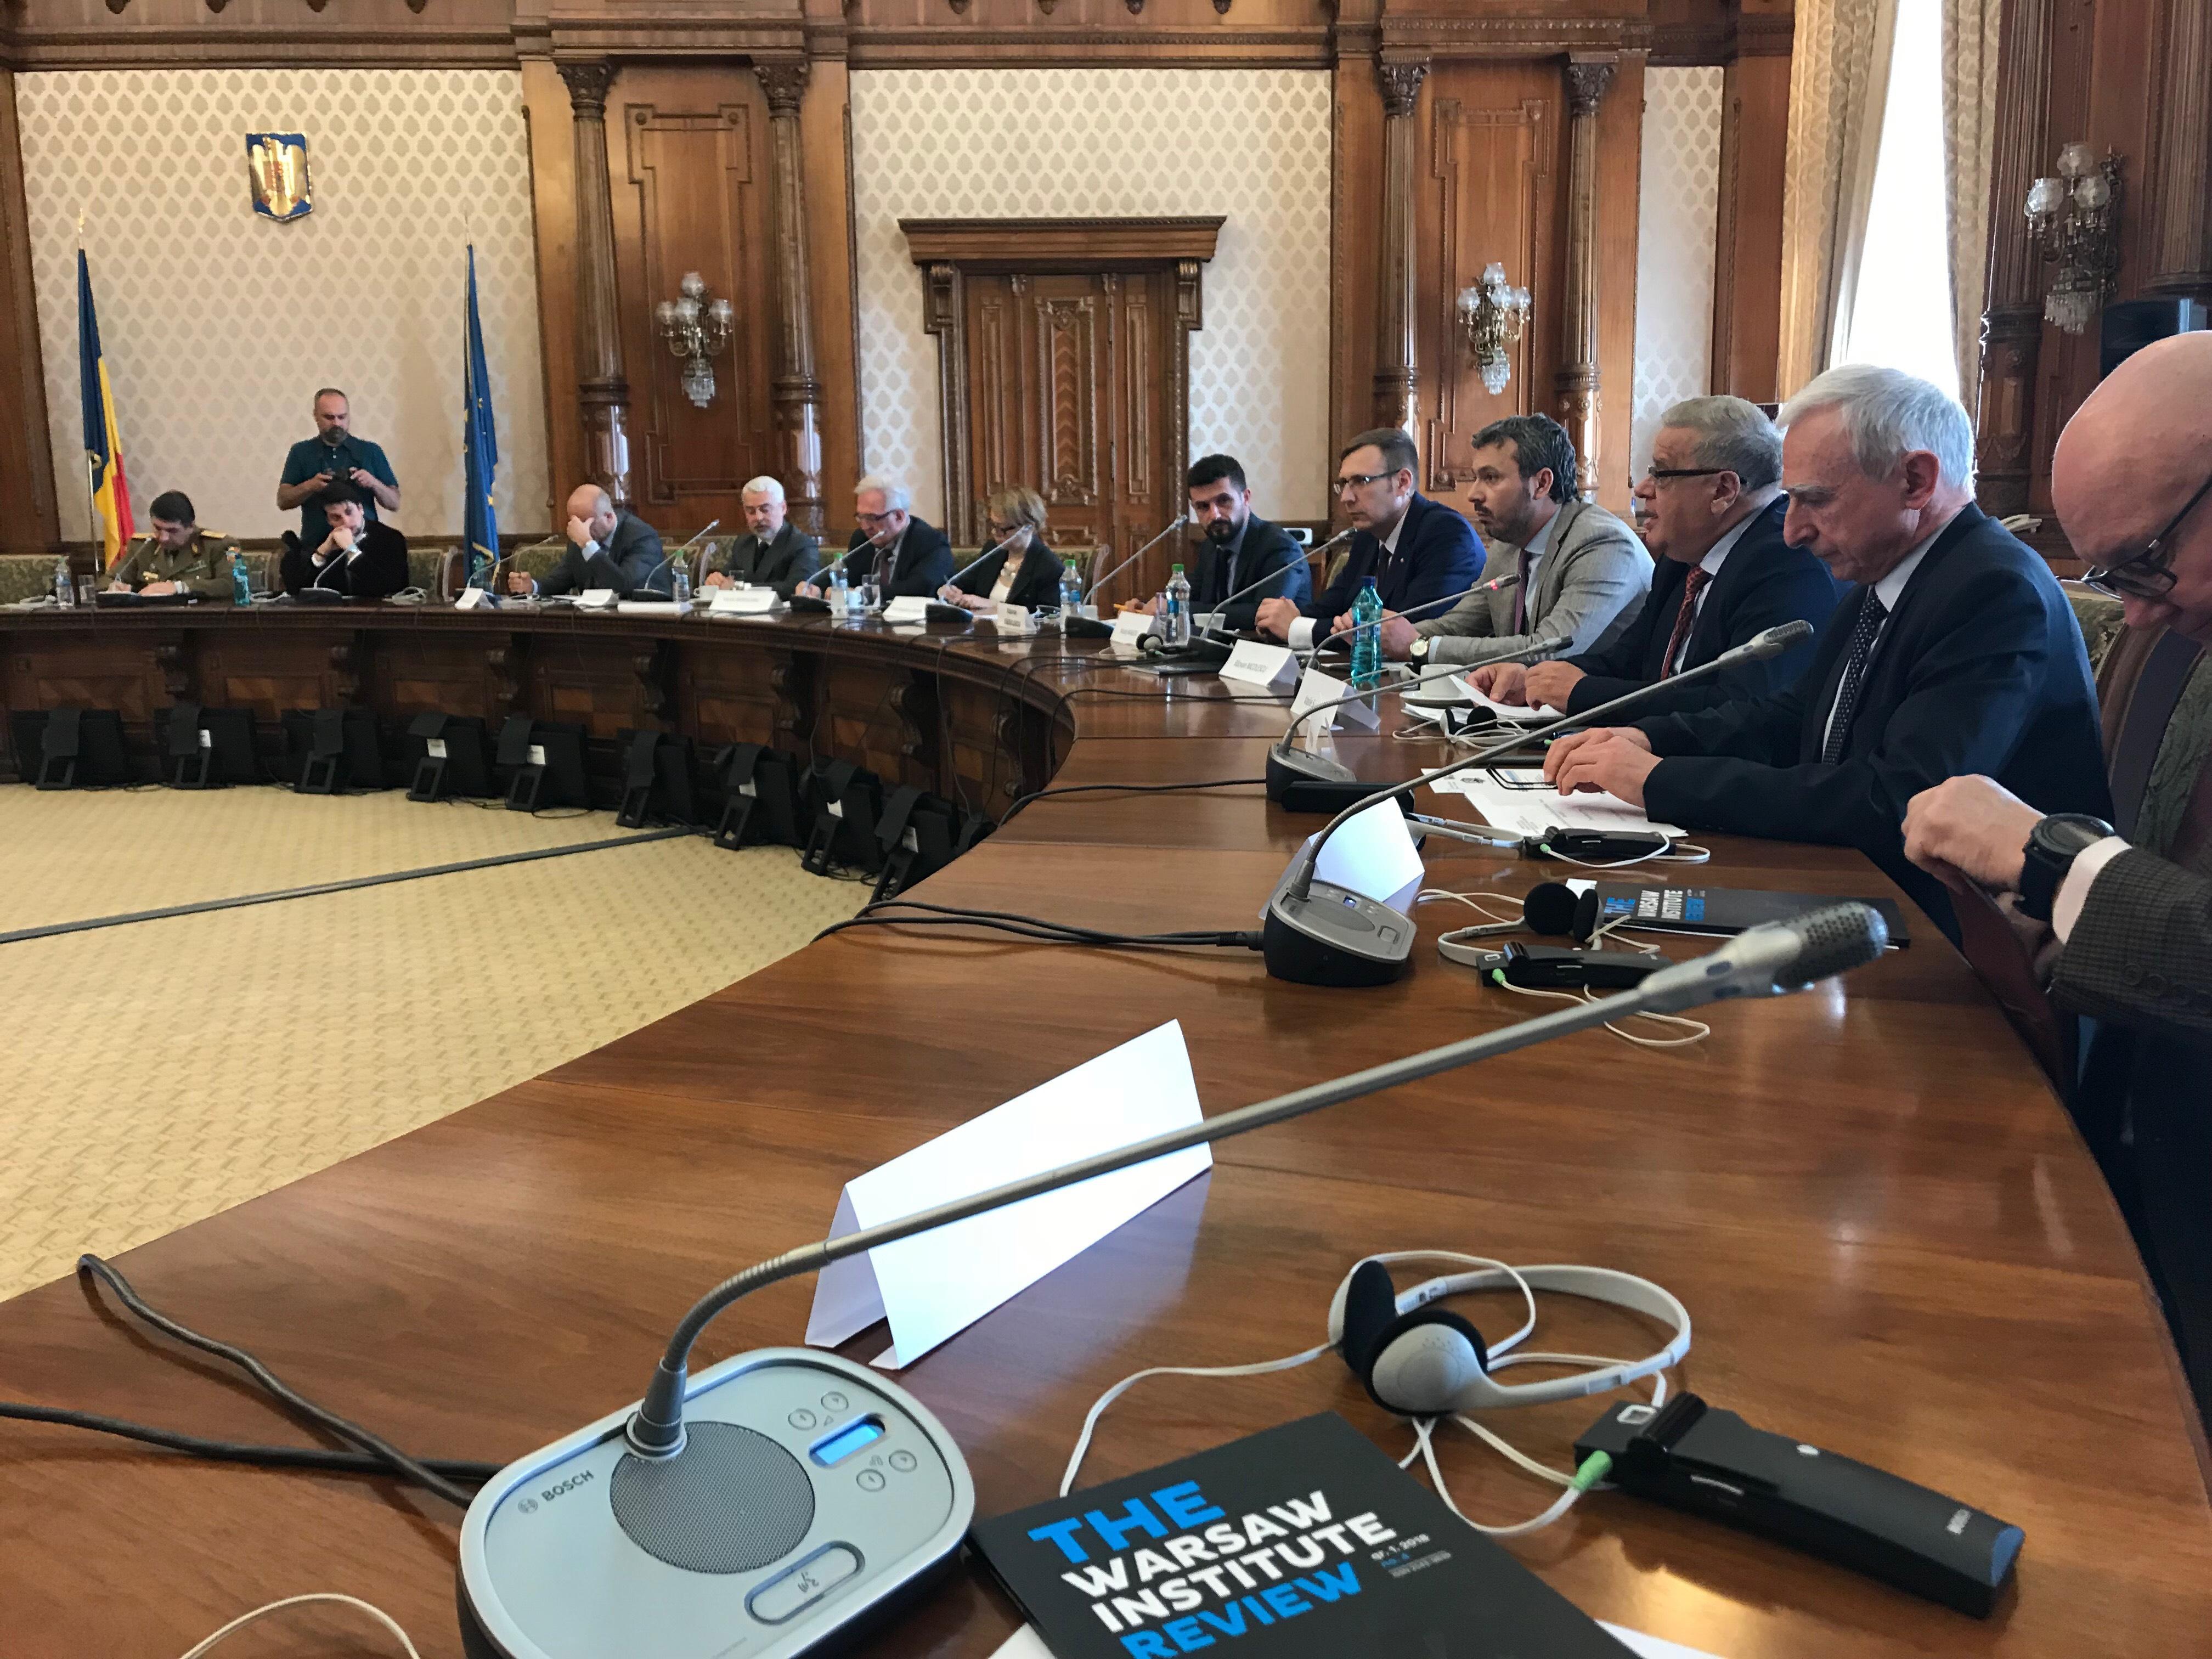 Współpraca energetyczna i infrastrukturalna – podsumowanie konferencji w Bukareszcie